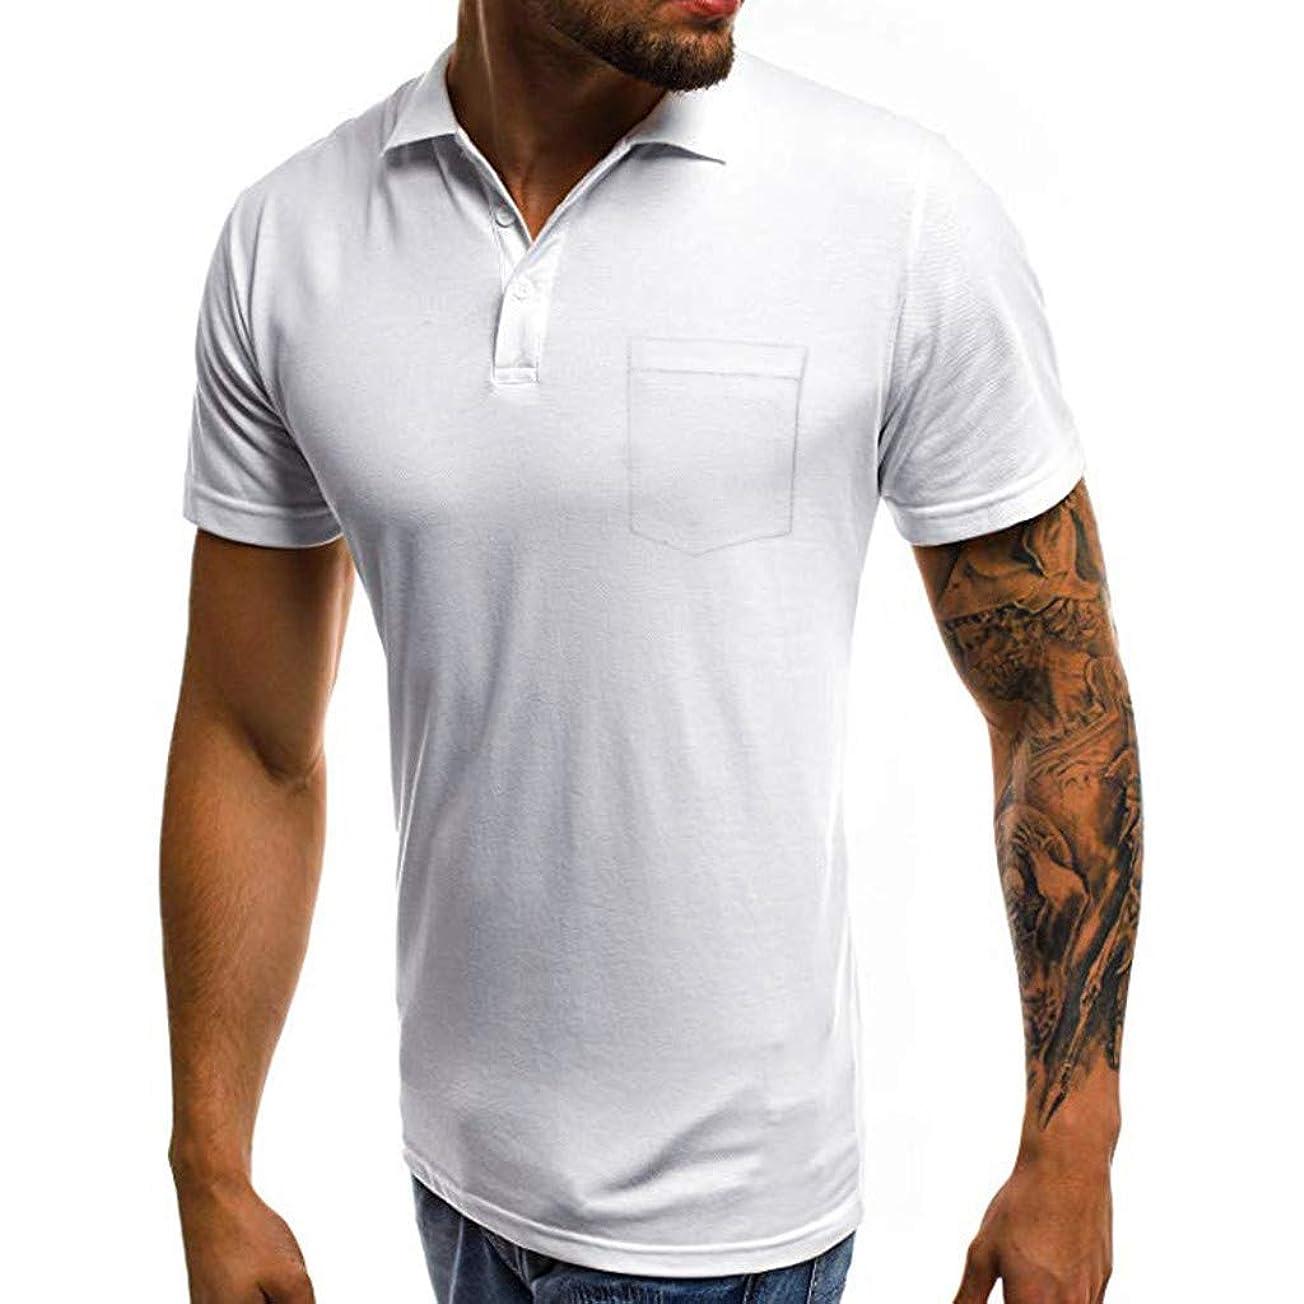 救急車する必要があるカフェGINNTOKI tシャツ メンズ カジュアル スリム 半袖 ポケット ボタンTシャツ トップ ブラウス ラペルポケット半袖 キャップなし ファッションメンズ (ホワイト, M)